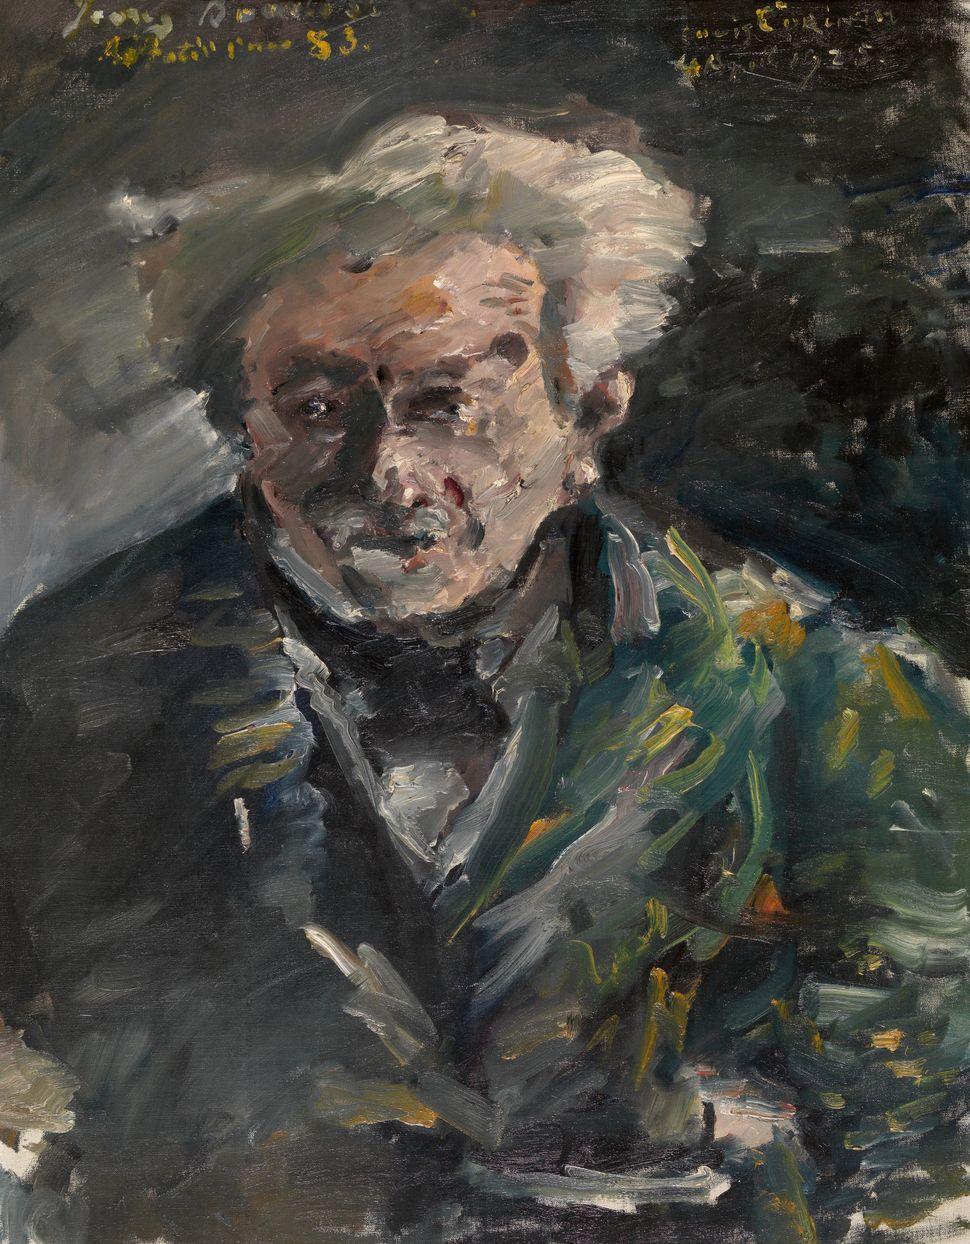 Bildnis Georg Brandes, huile sur toile, 1925, n°inv. 2452, dim. 91.5 cm x 111.0 cm x 6.5 cm, Musée Royal des Beaux-Arts d'Anv